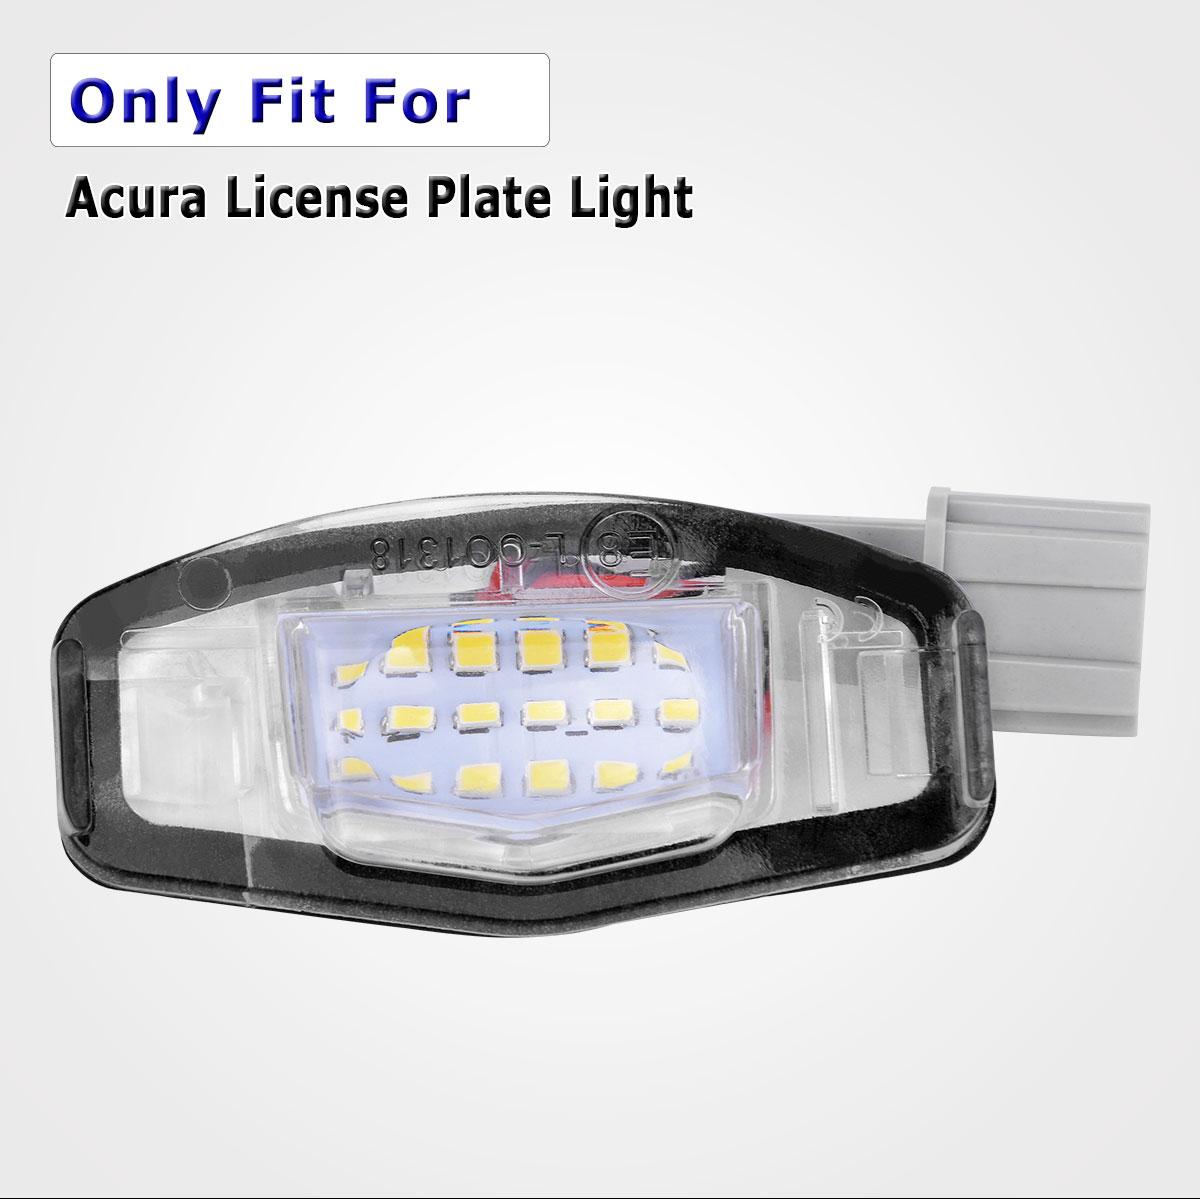 2Pcs 18 LED White License Plate Light For Acura TL TSX MDX